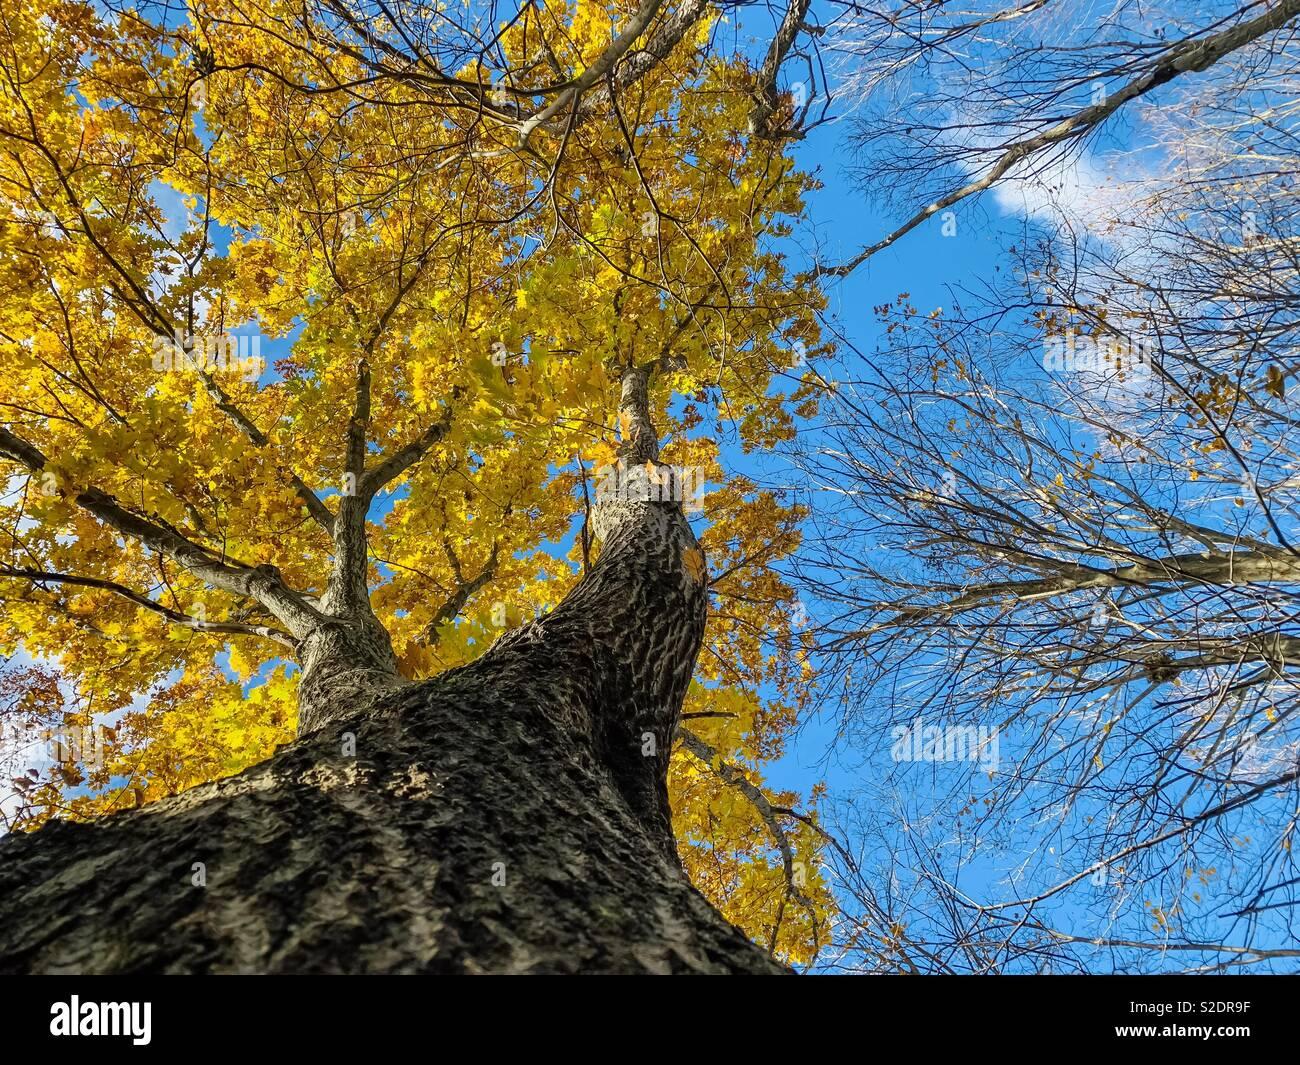 Yellow Maple Tree Bellow - Stock Image